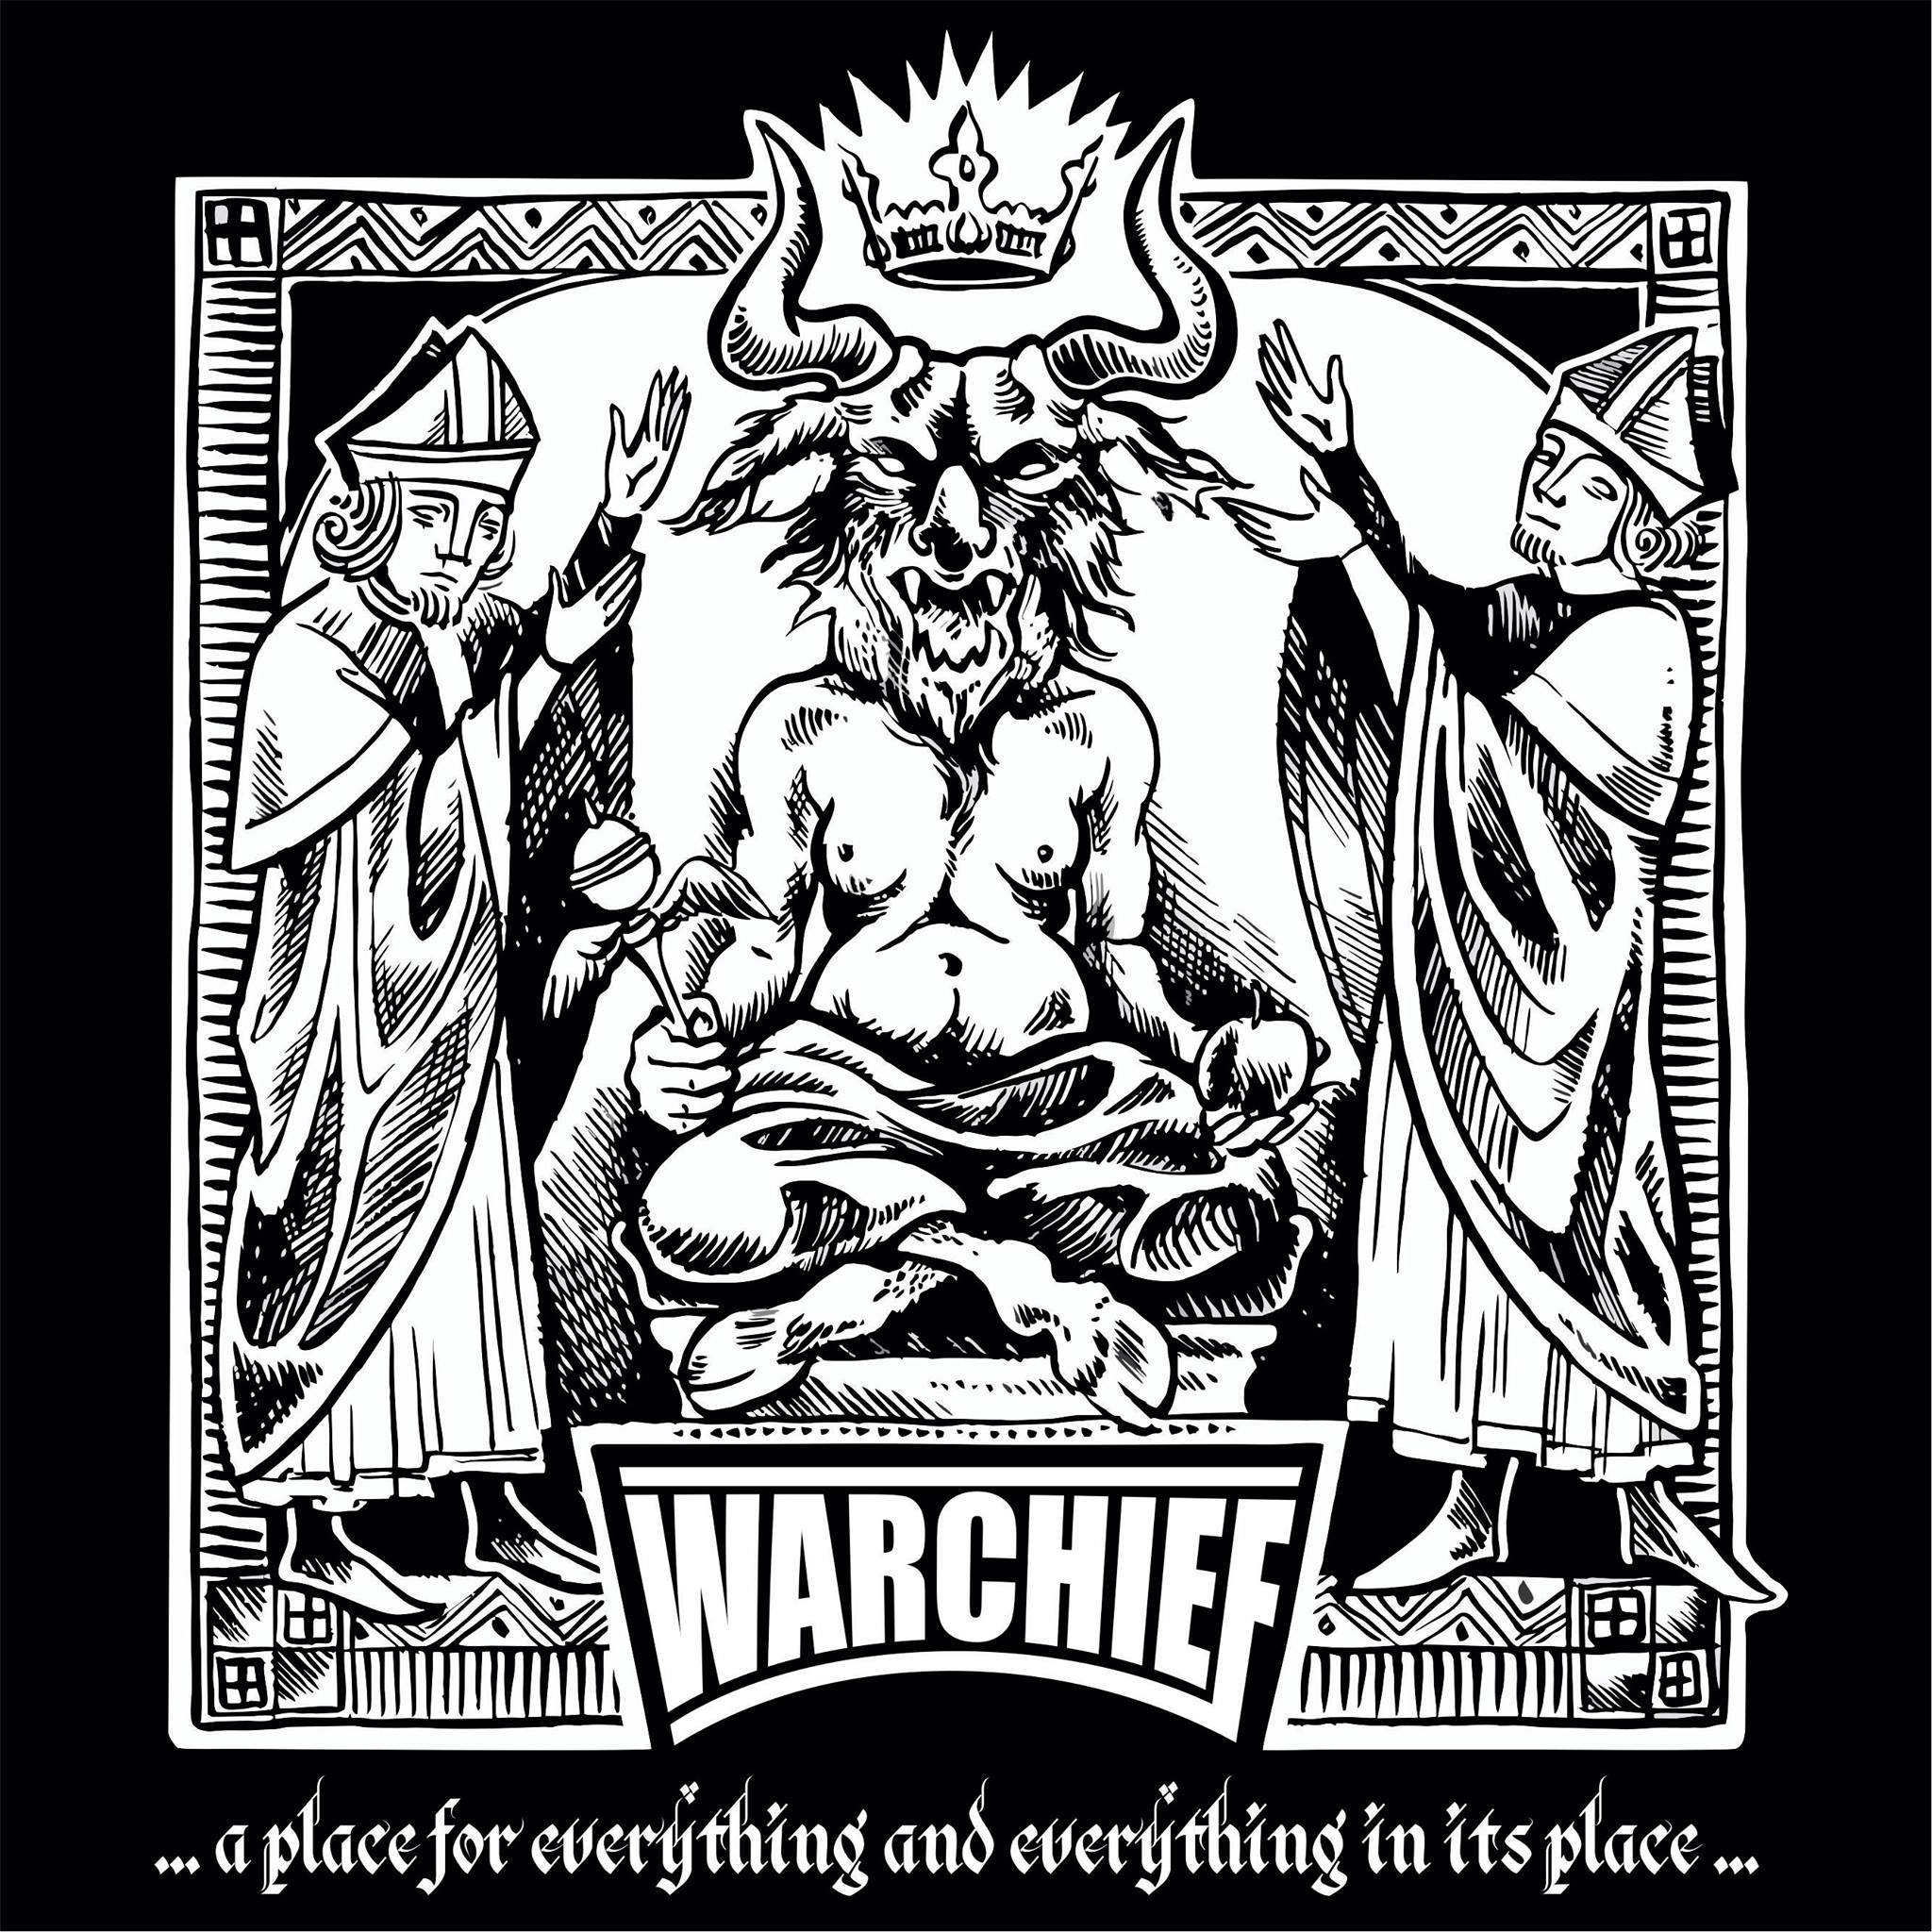 Warchief - ...a place for everything and everything in its place...<br /><br />A Warchief is olyan hazai banda, ami víg kedélyben fogant és létrejöttének lényegében folyt néhány hideg sör is. Beszaggat, kisterpesz és térdnél a fej.